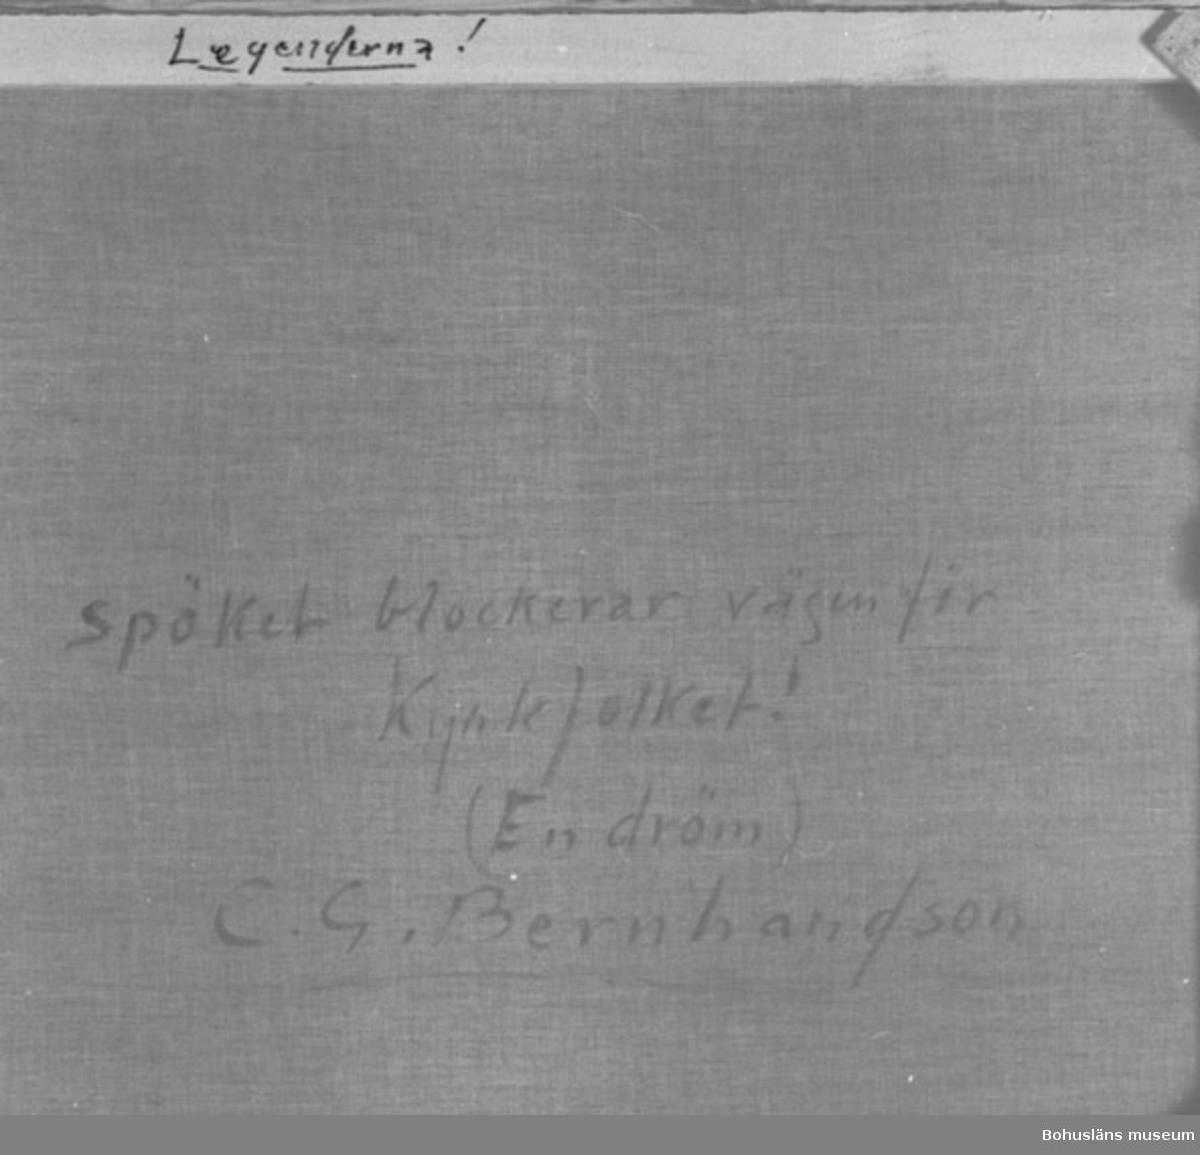 """Baksidestext:  """"Spöket blockerar vägen för Kyrkfolket! (En dröm) C.G. Bernhardson."""" På ramens övre kant: """"Legenderna!""""  Litt.: Bernhardson, C.G.: Bohuslän - från Wämmer och Kräppe, Uddevalla, 1983, s. 19. Saknar titel i boken: """"Spöket reder sig bra trots besvärjelser.""""  Övrig historik; se CGB001."""